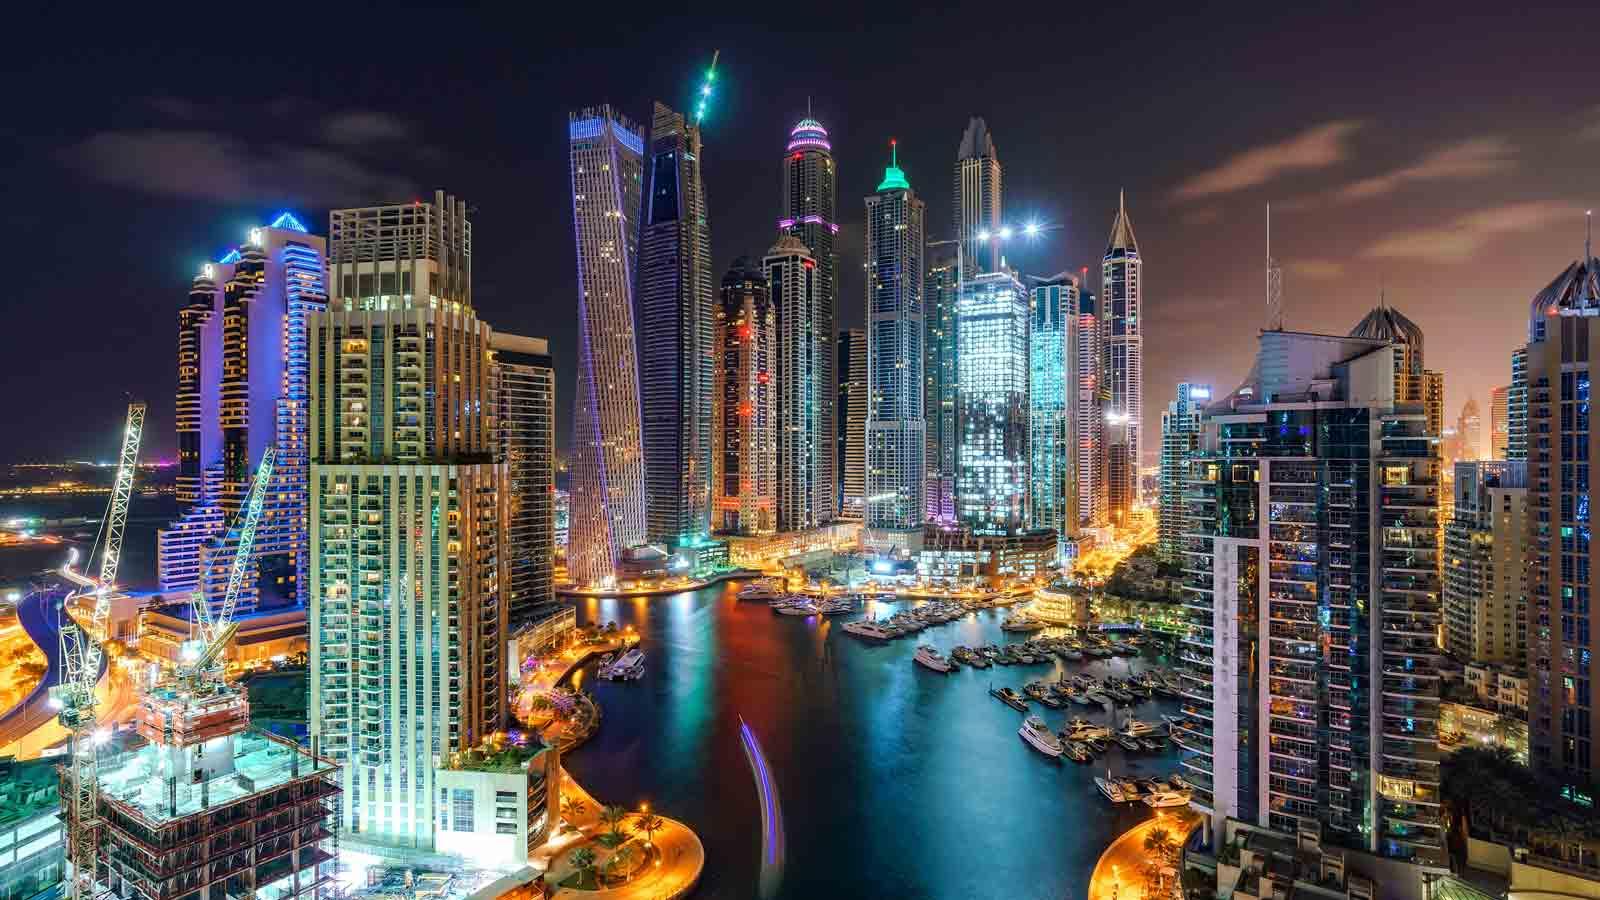 3تا از مهم ترین جاذبه های گردشگری دبی